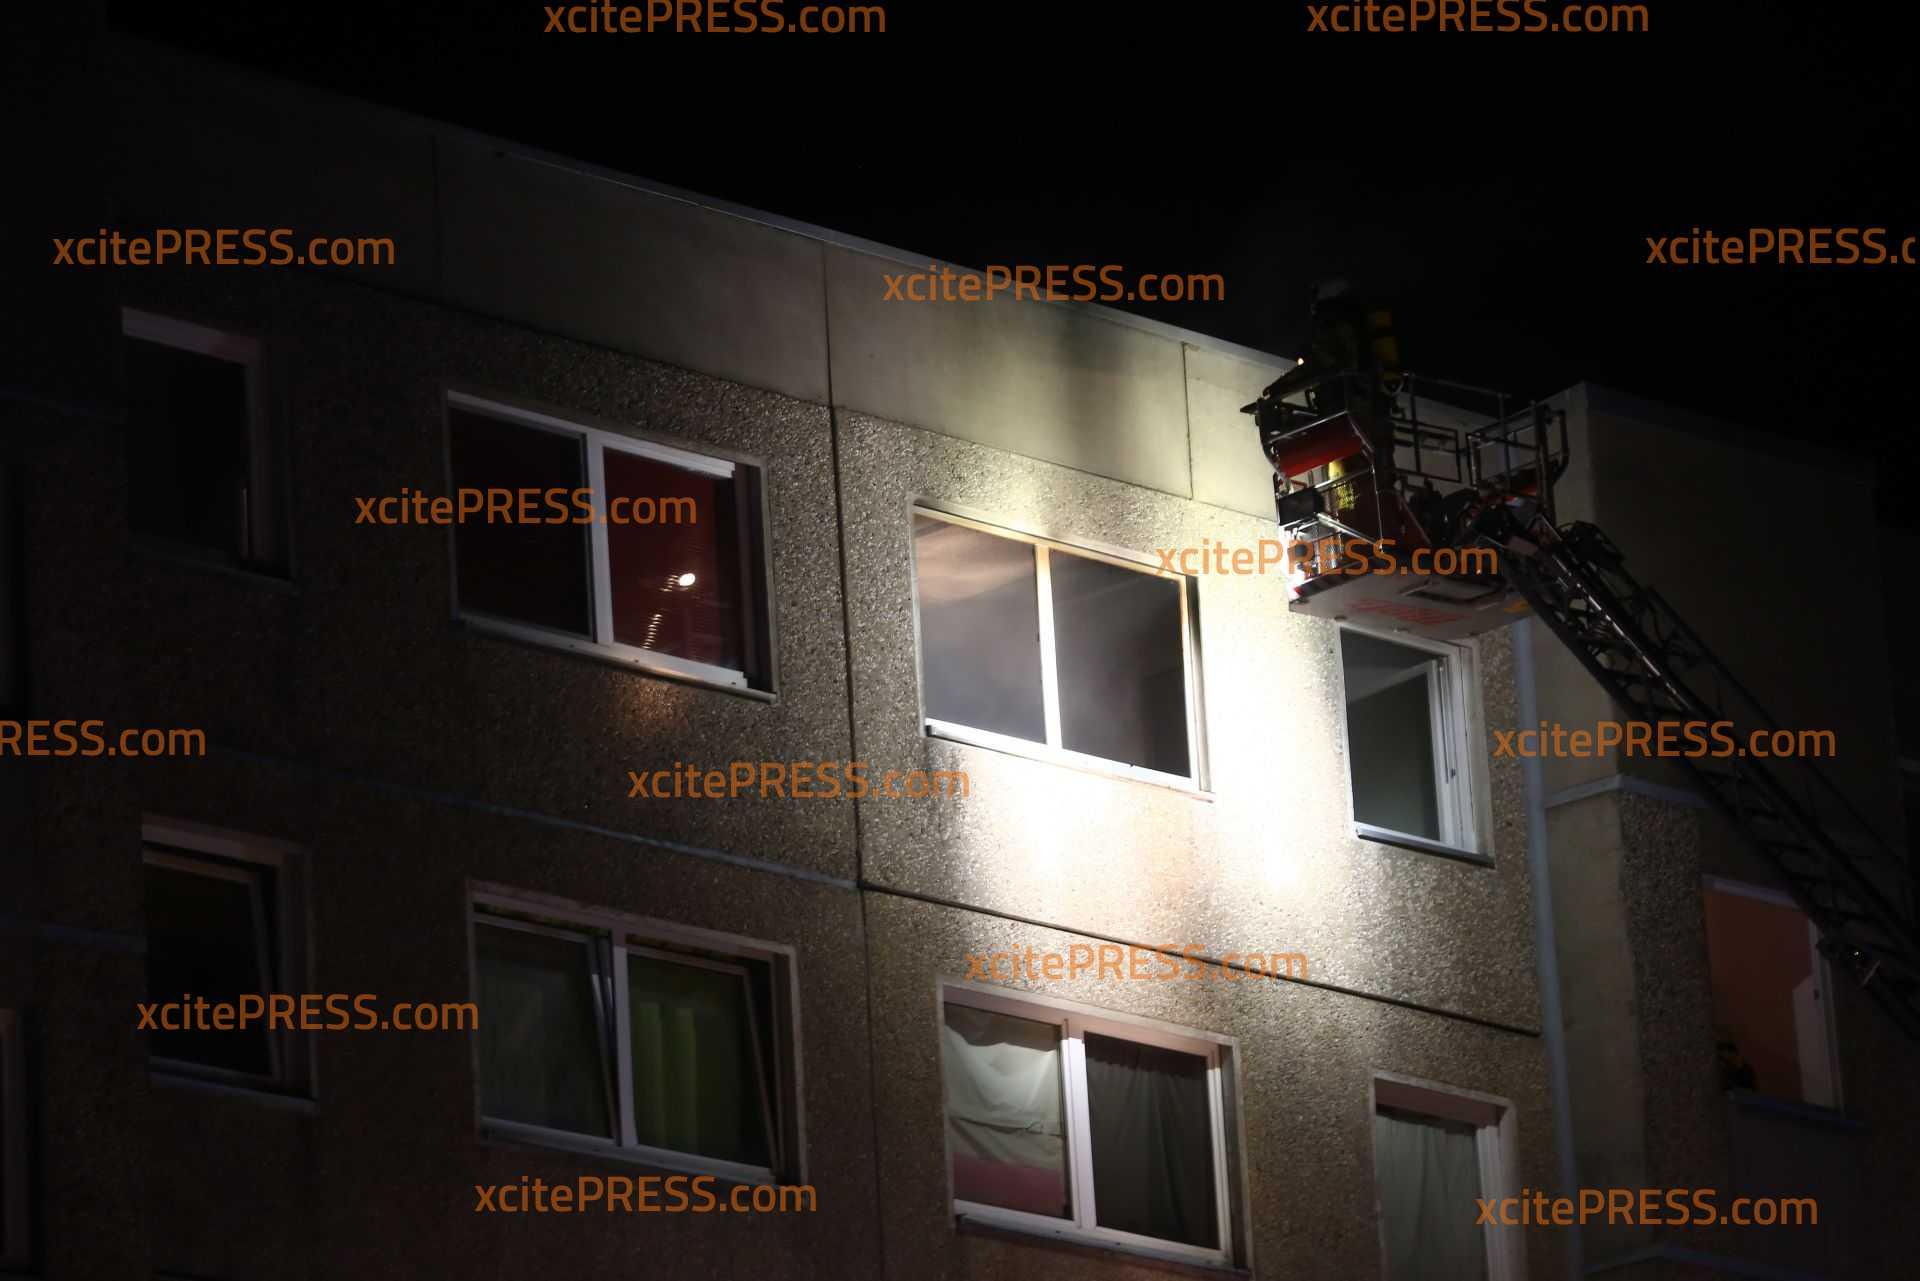 Bewohner legt Feuer in Wohnung: Schnelles Eintreffen der Einsatzkräfte kann Schlimmeres verhindern: Bewohner vorläufig festgenommen